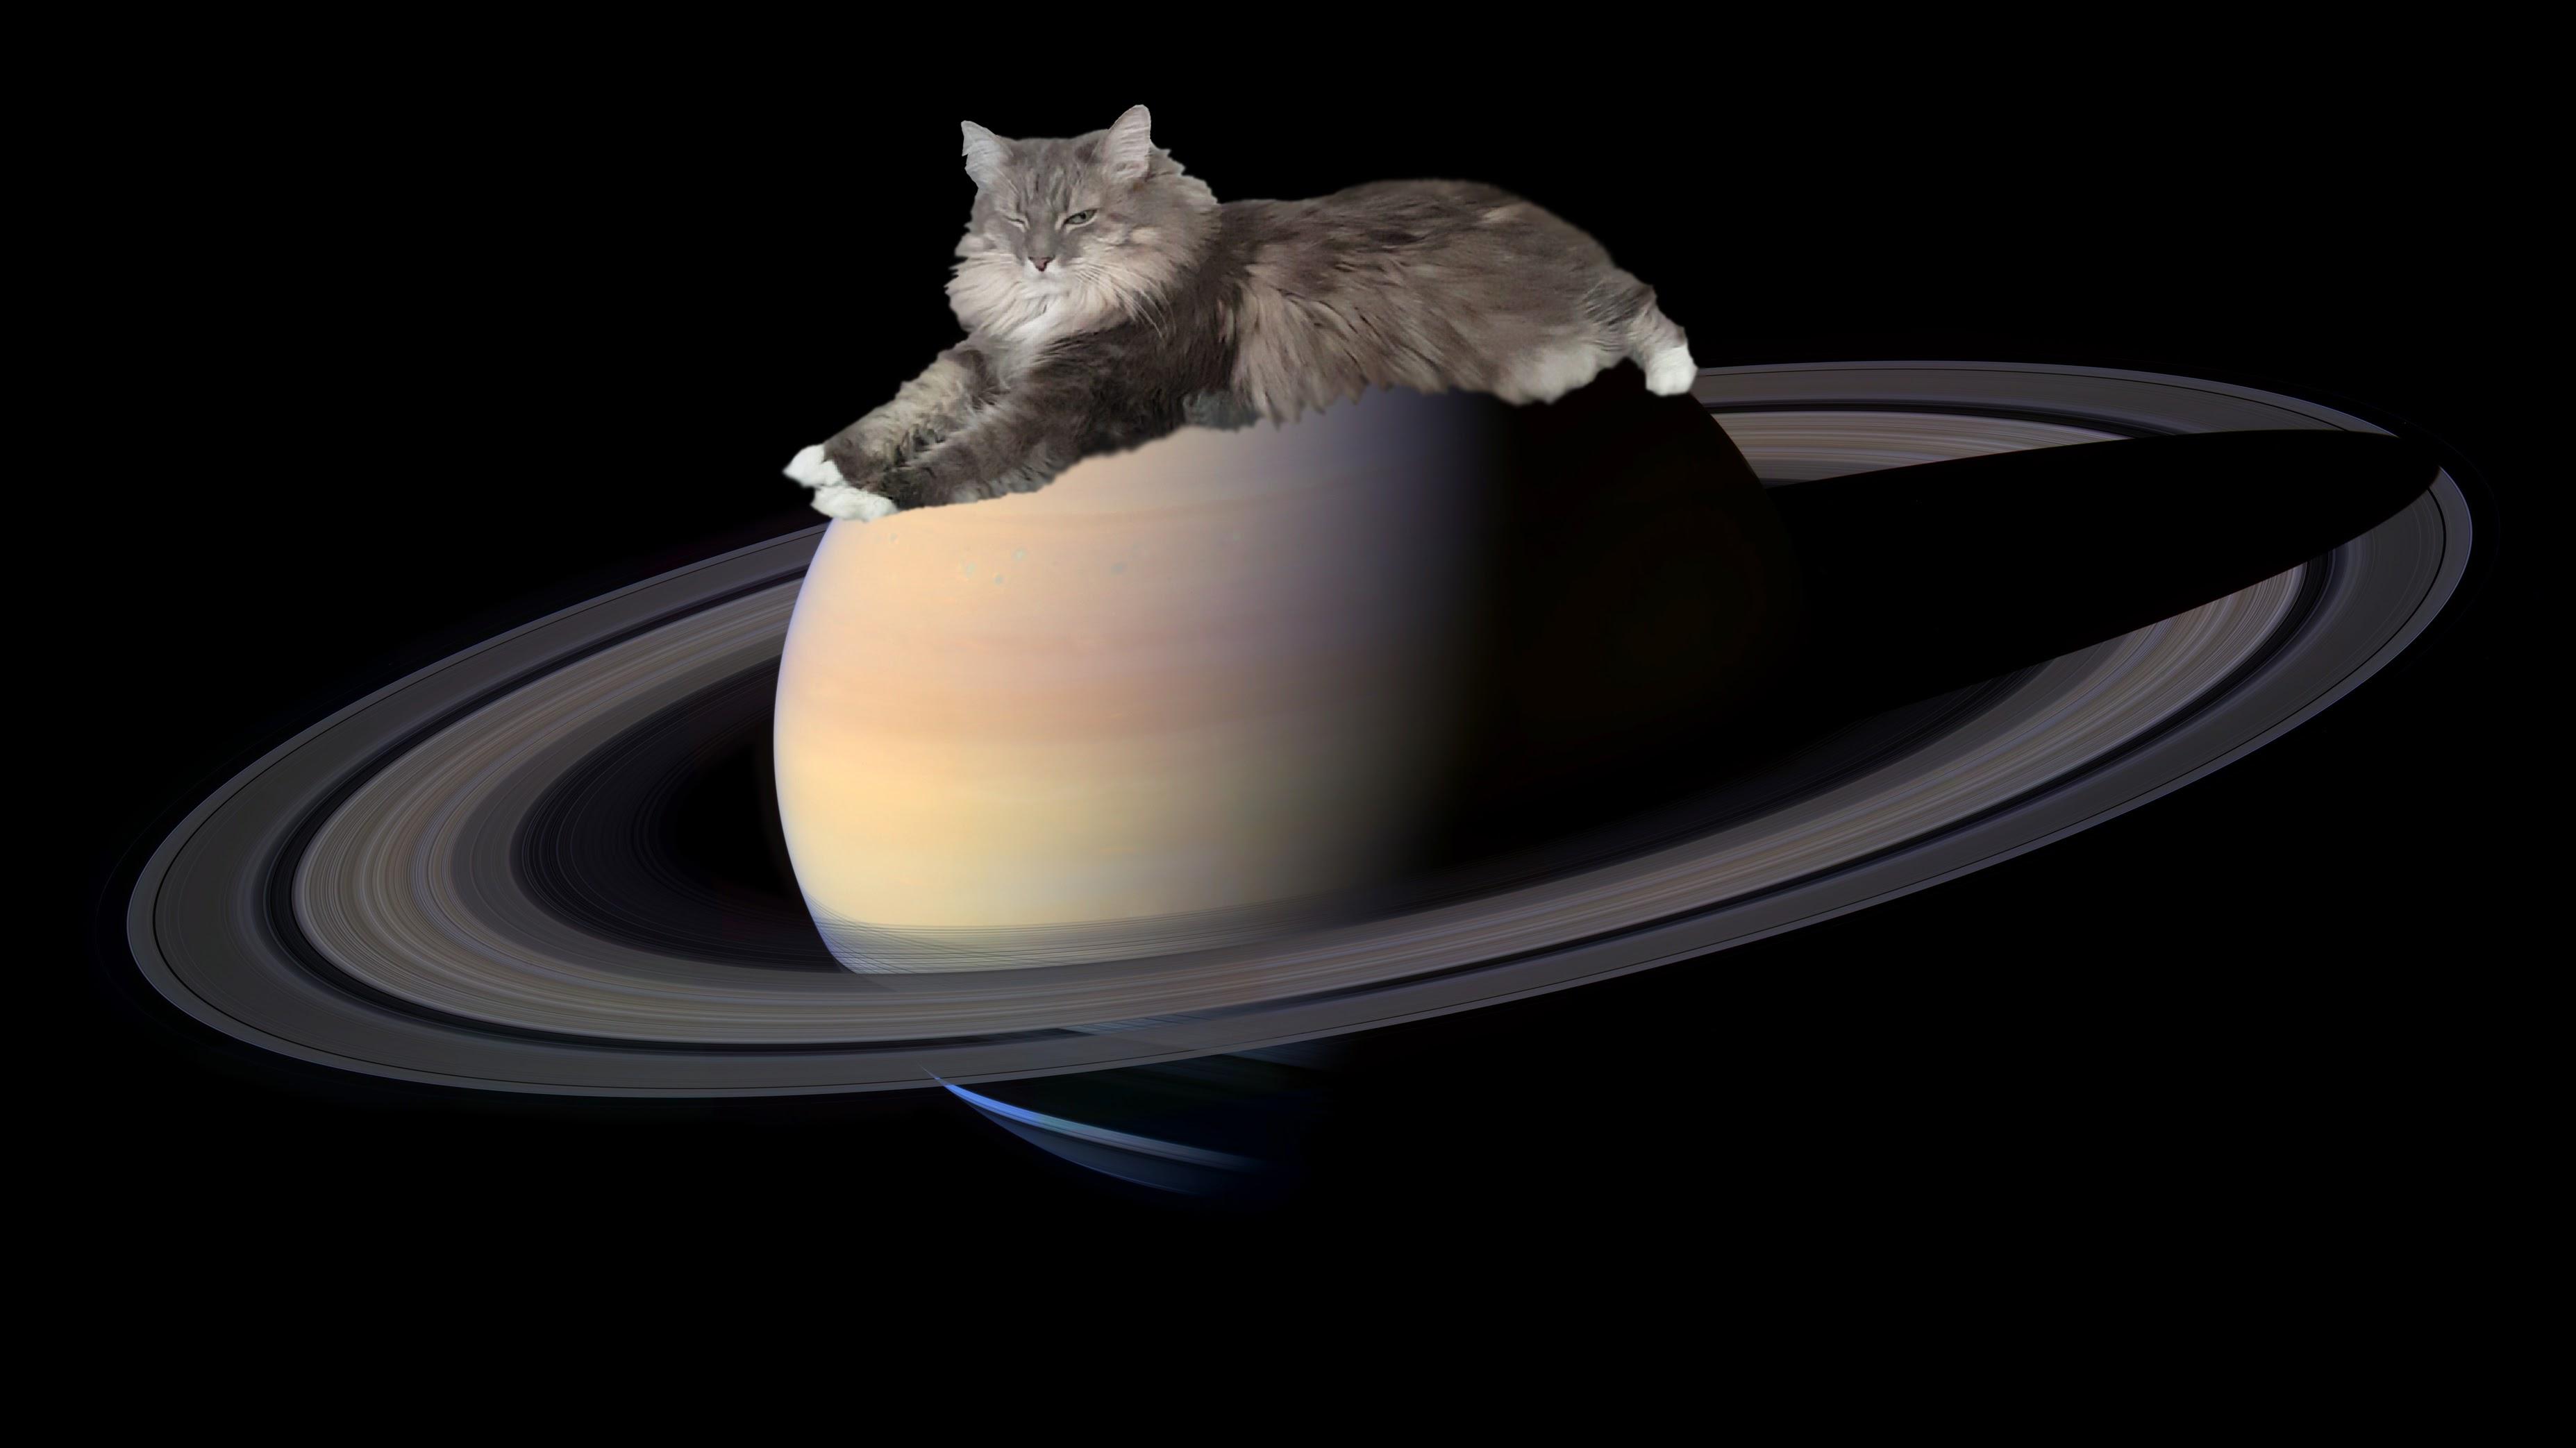 Космические котята: что